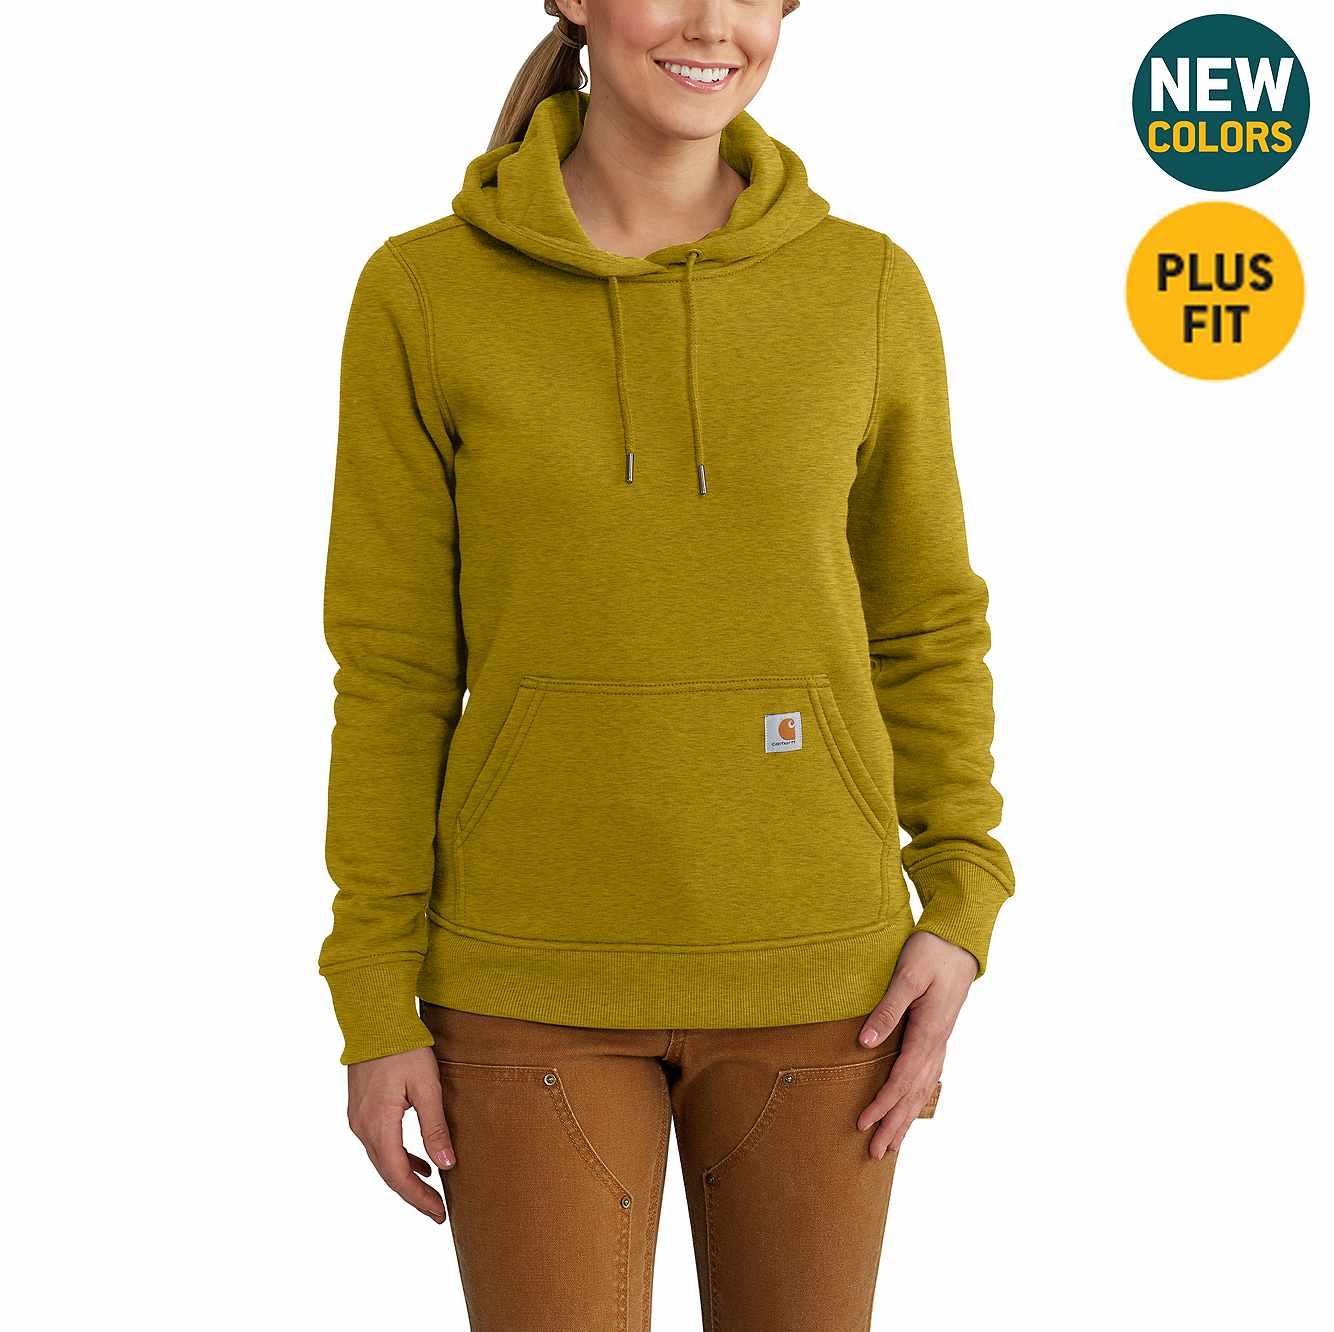 Clarksburg Pullover Sweatshirt